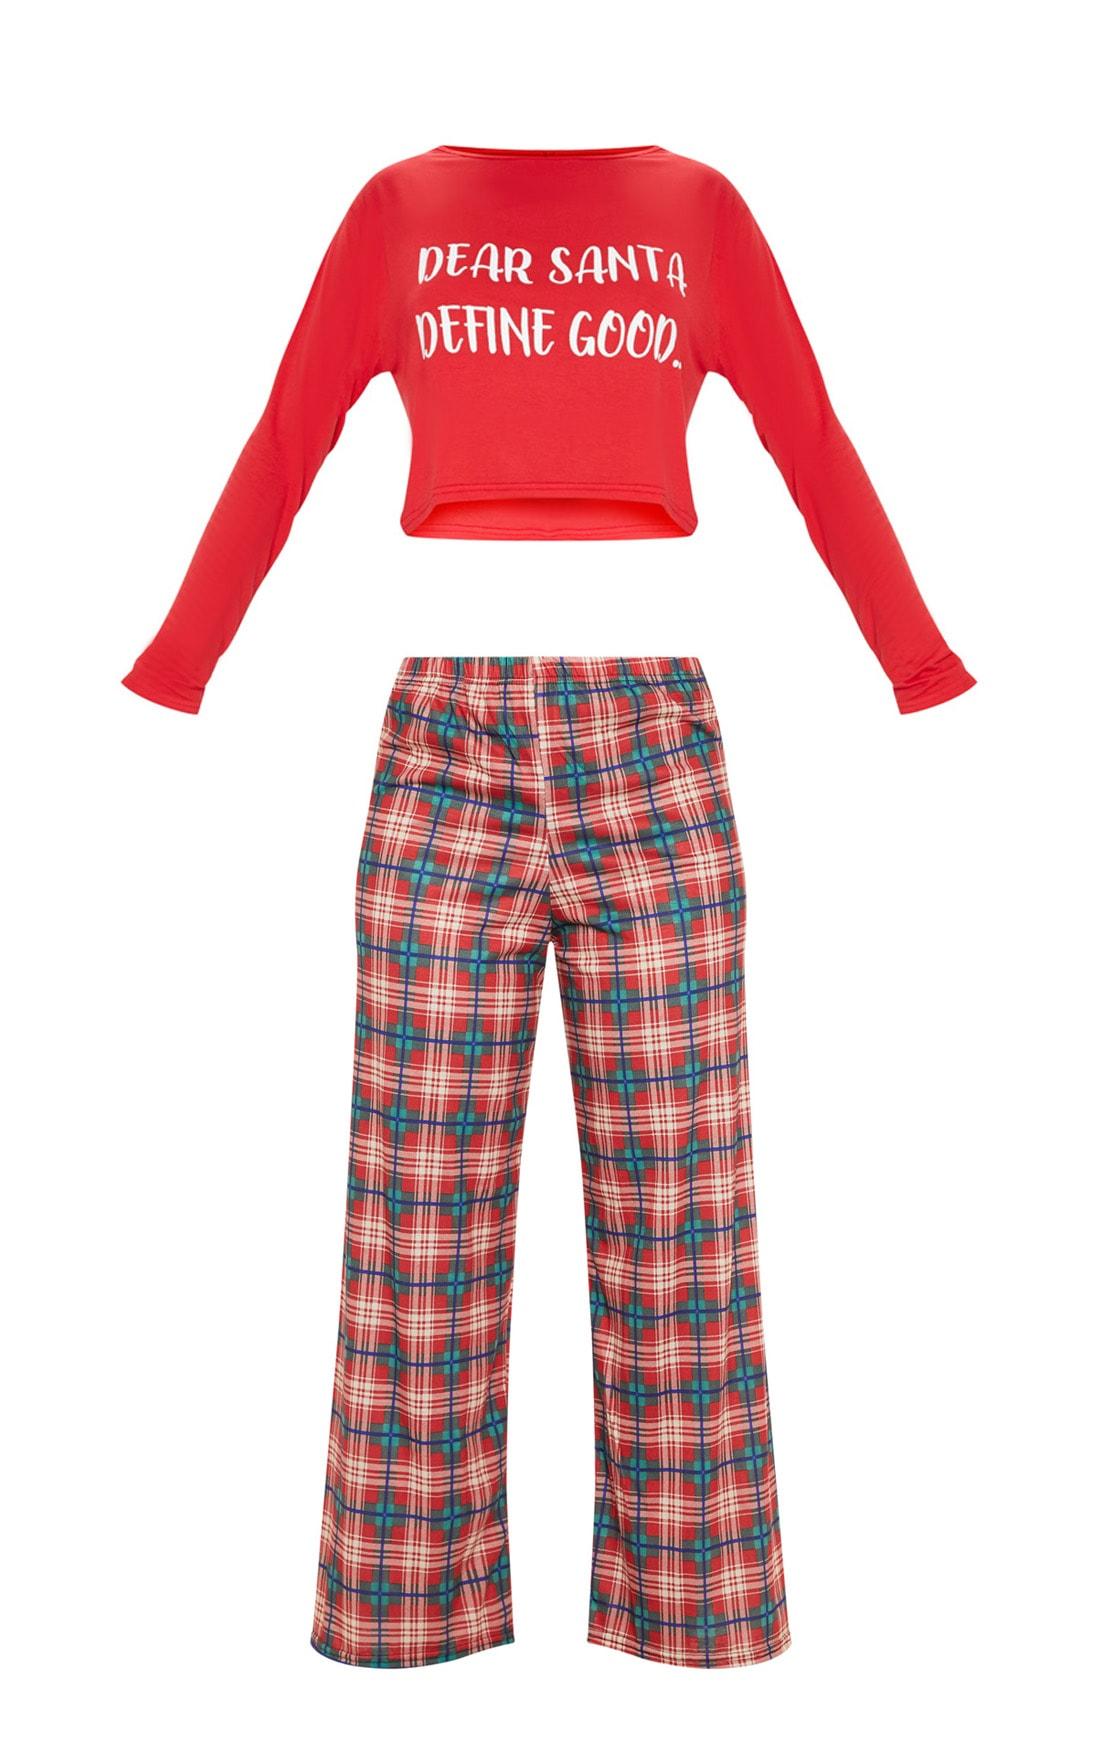 Santa Define Good Check Red Pyjama Set  3